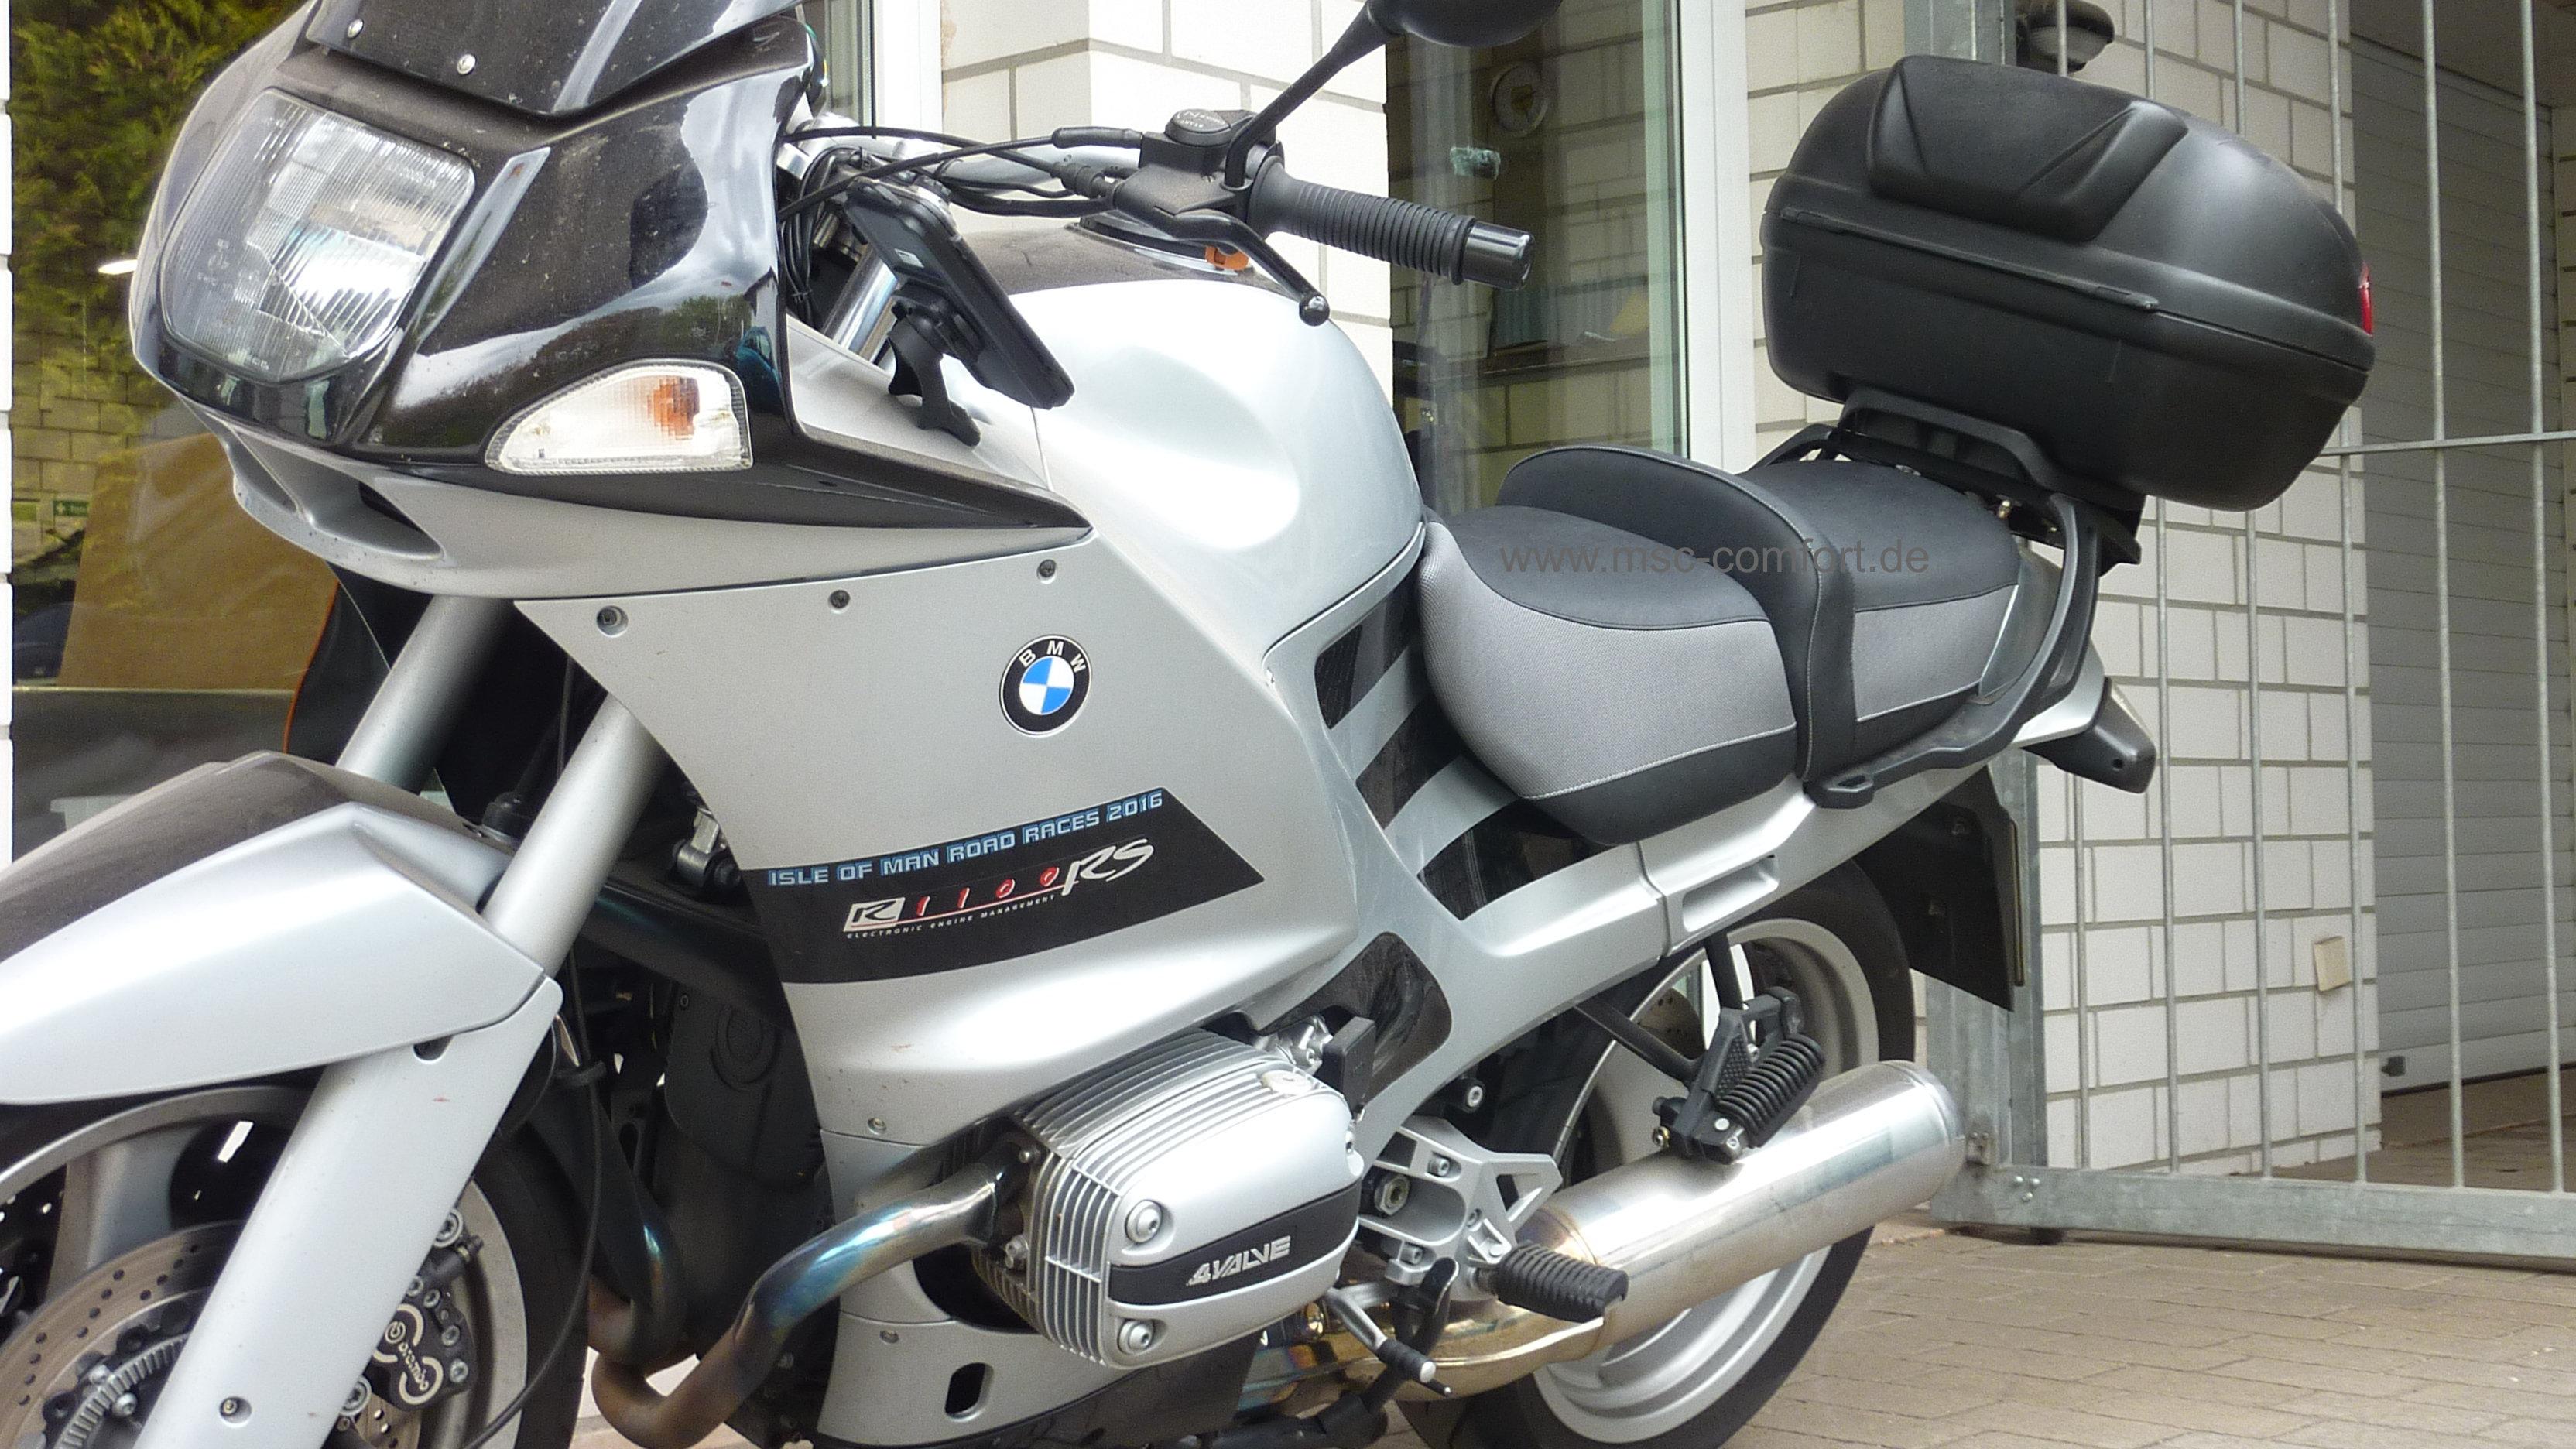 Sitzbank BMW R1100 RS aufgepolstert 1